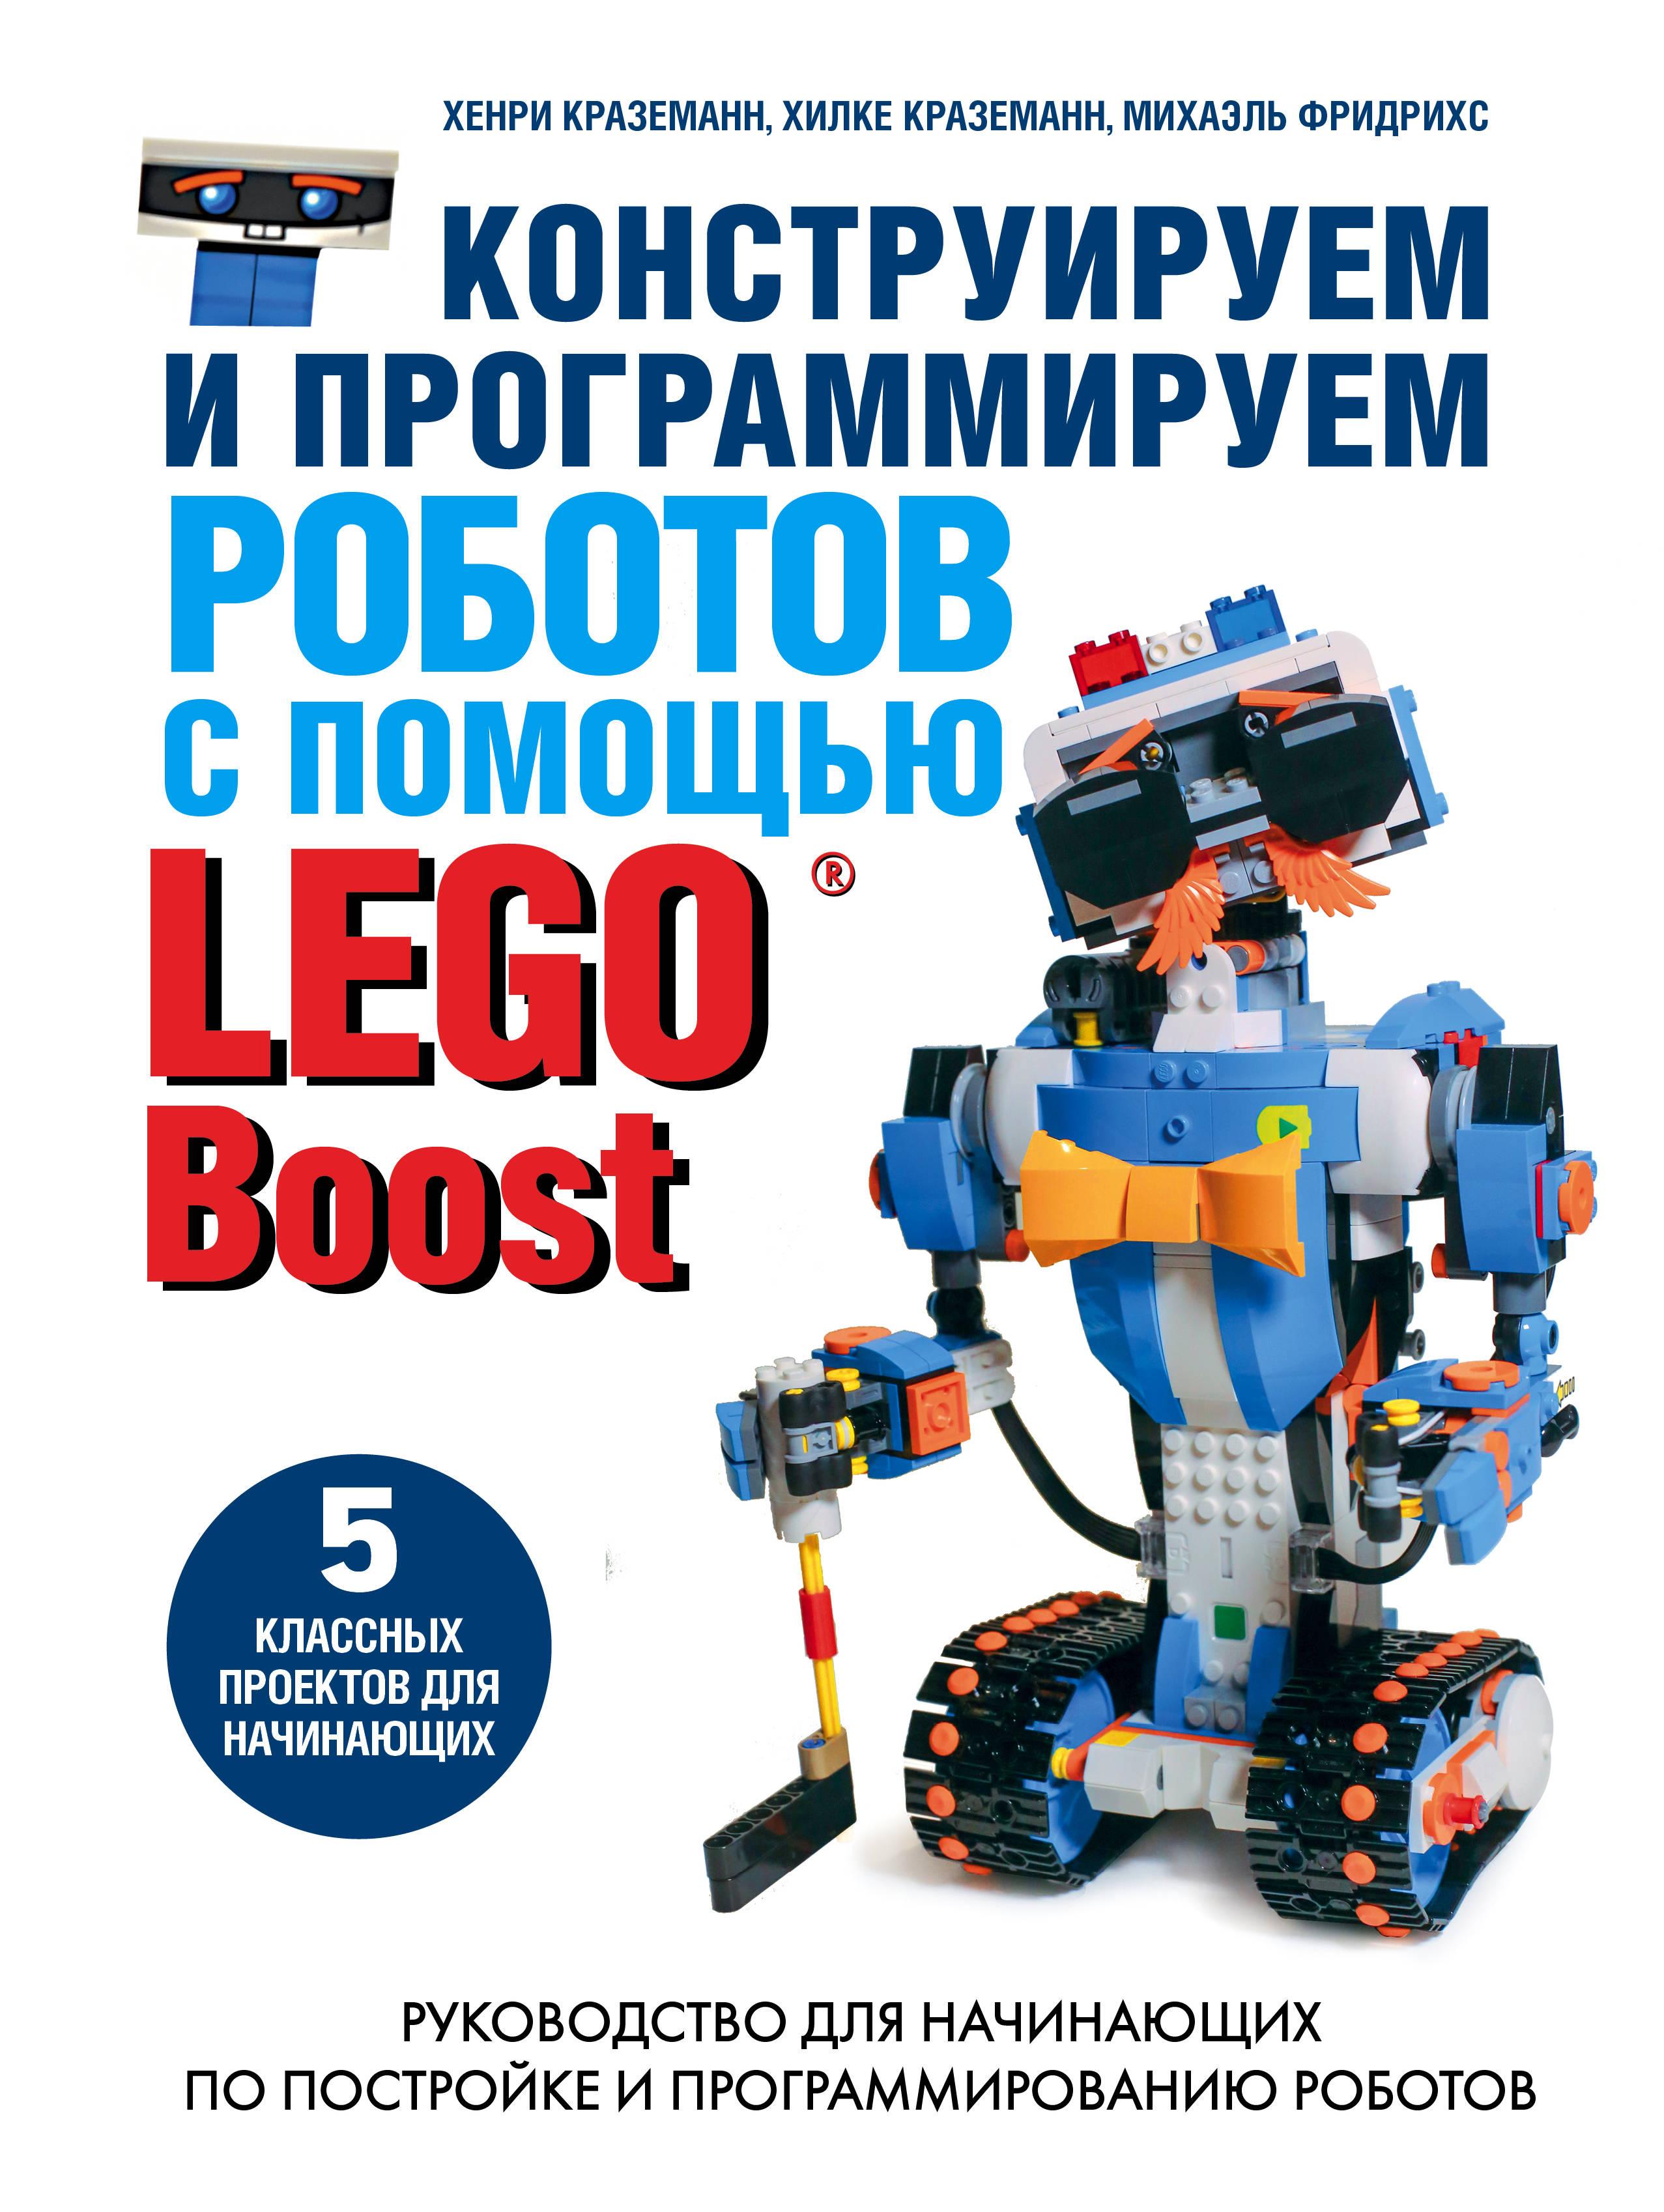 Konstruiruem i programmiruem robotov s pomoschju LEGO Boost